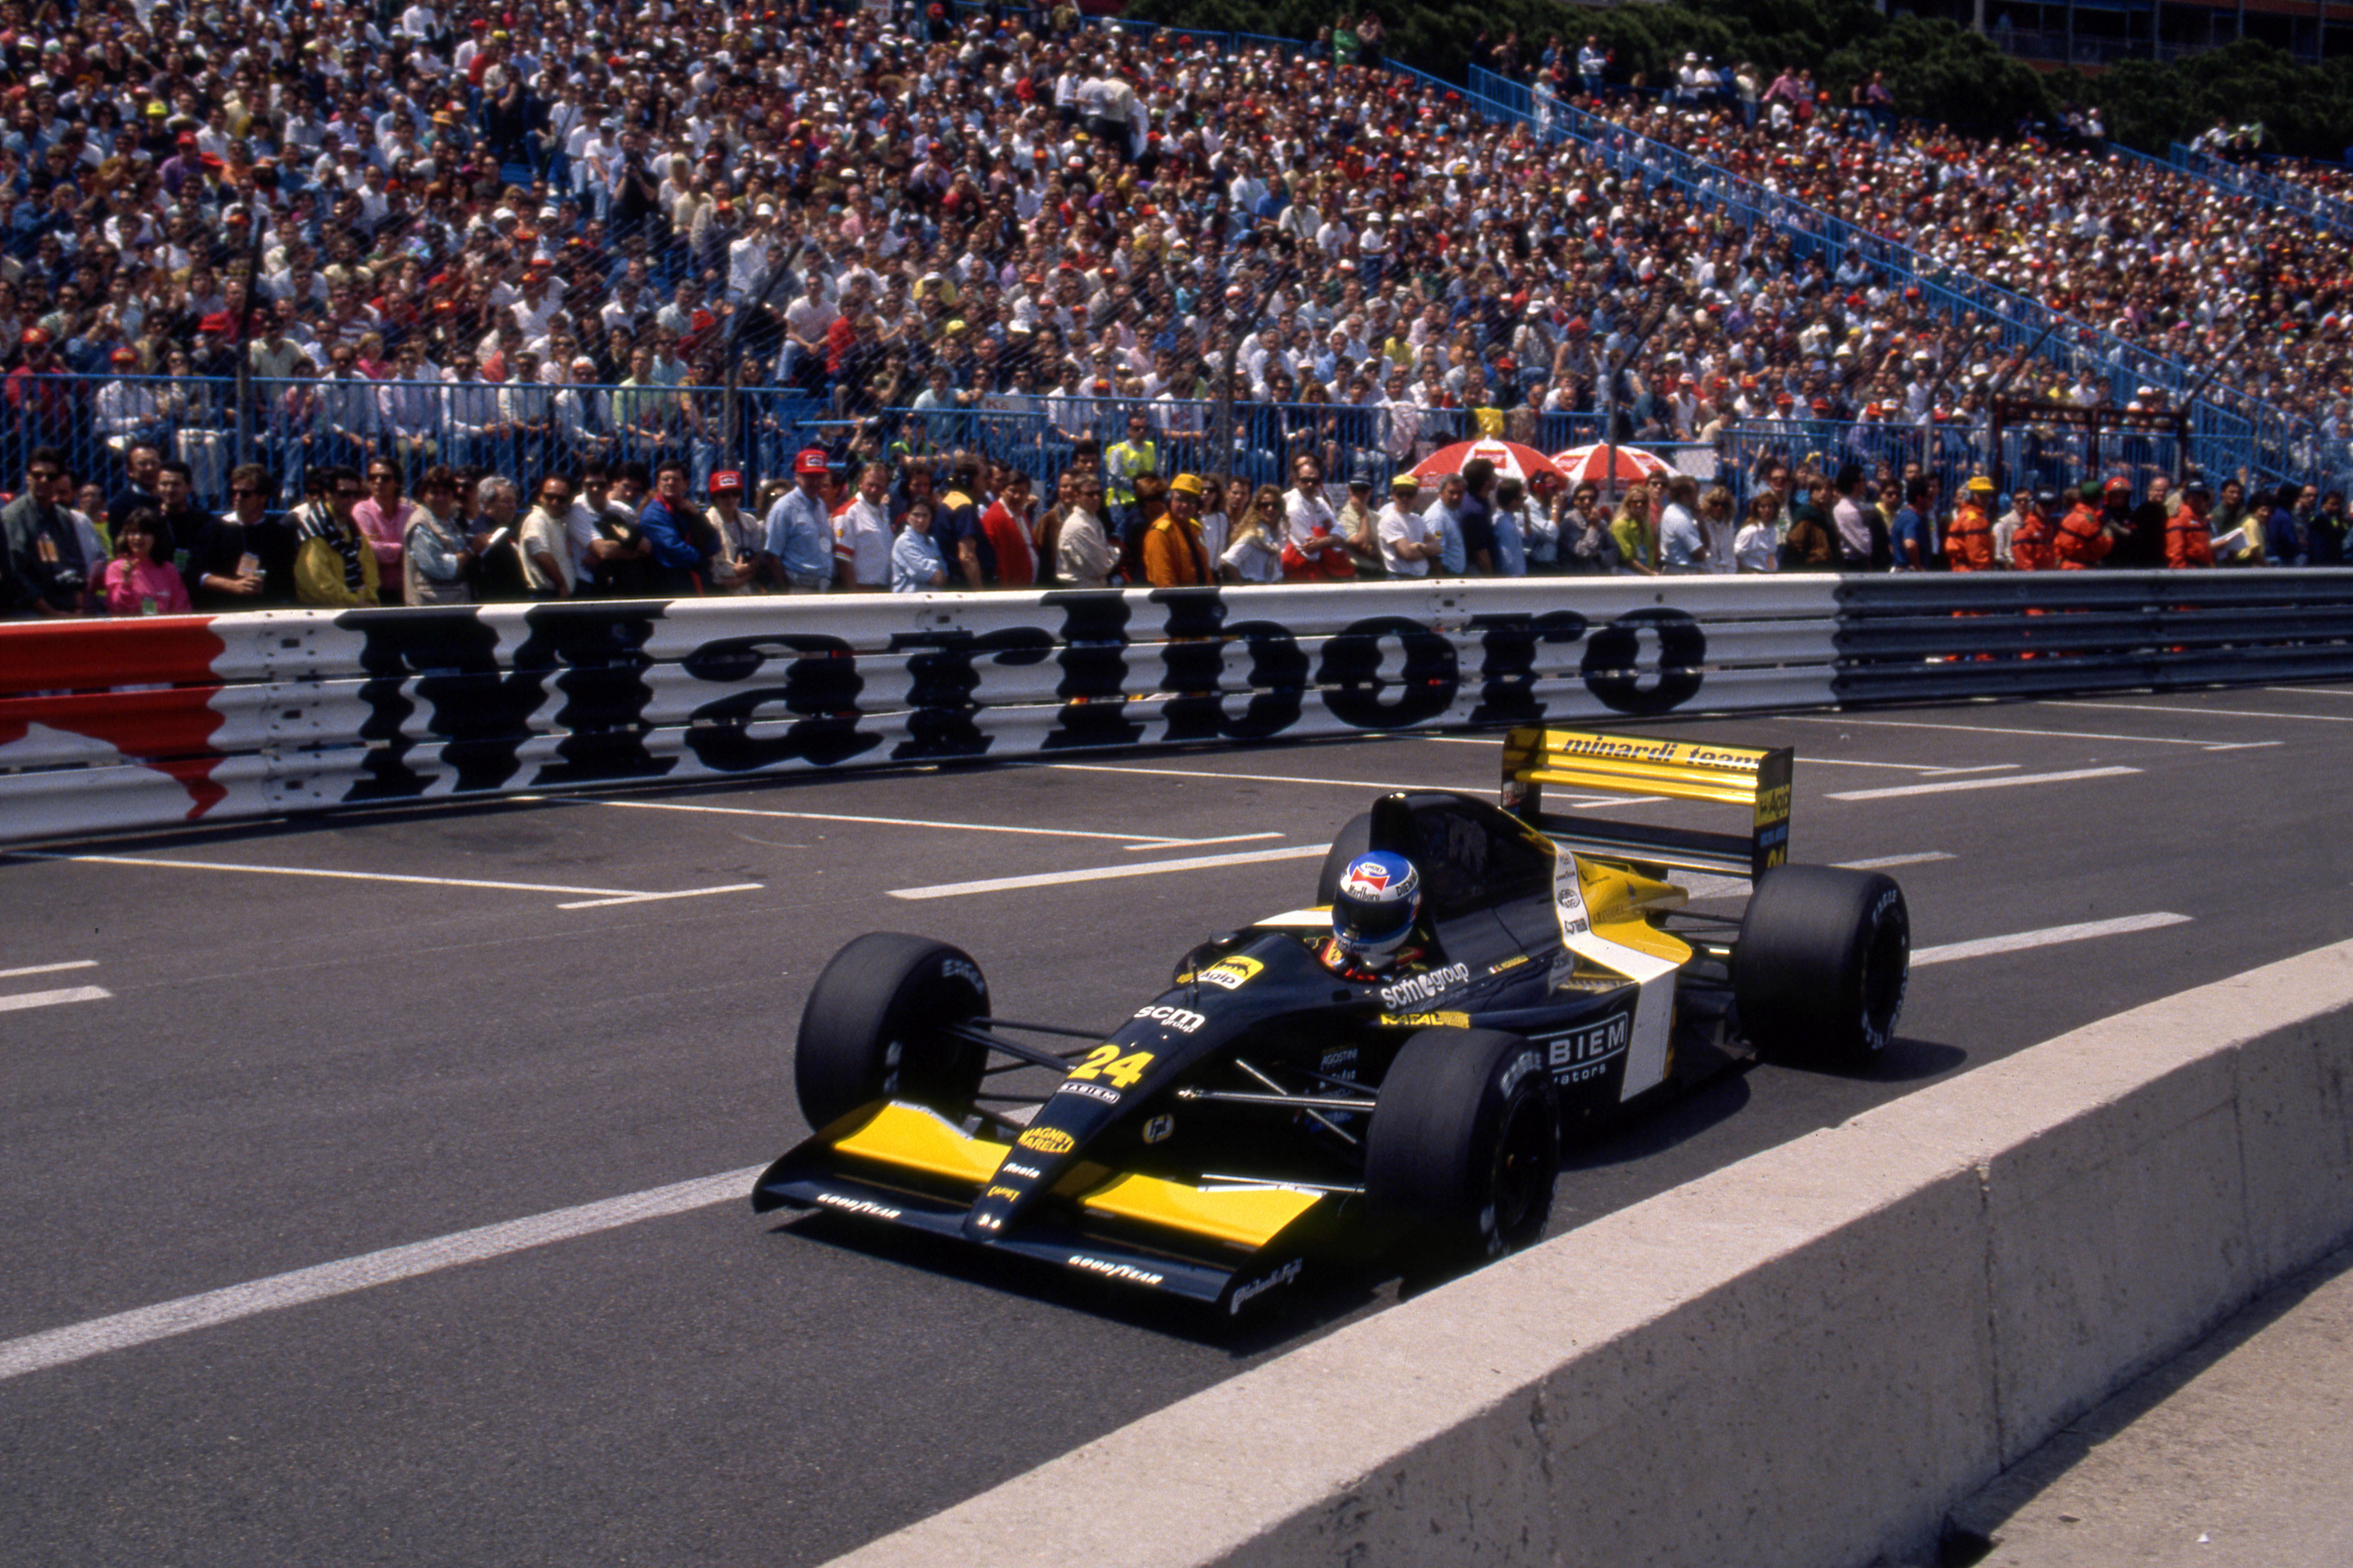 Monaco Grand Prix Monte Carlo (mc) 26 28 04 1991